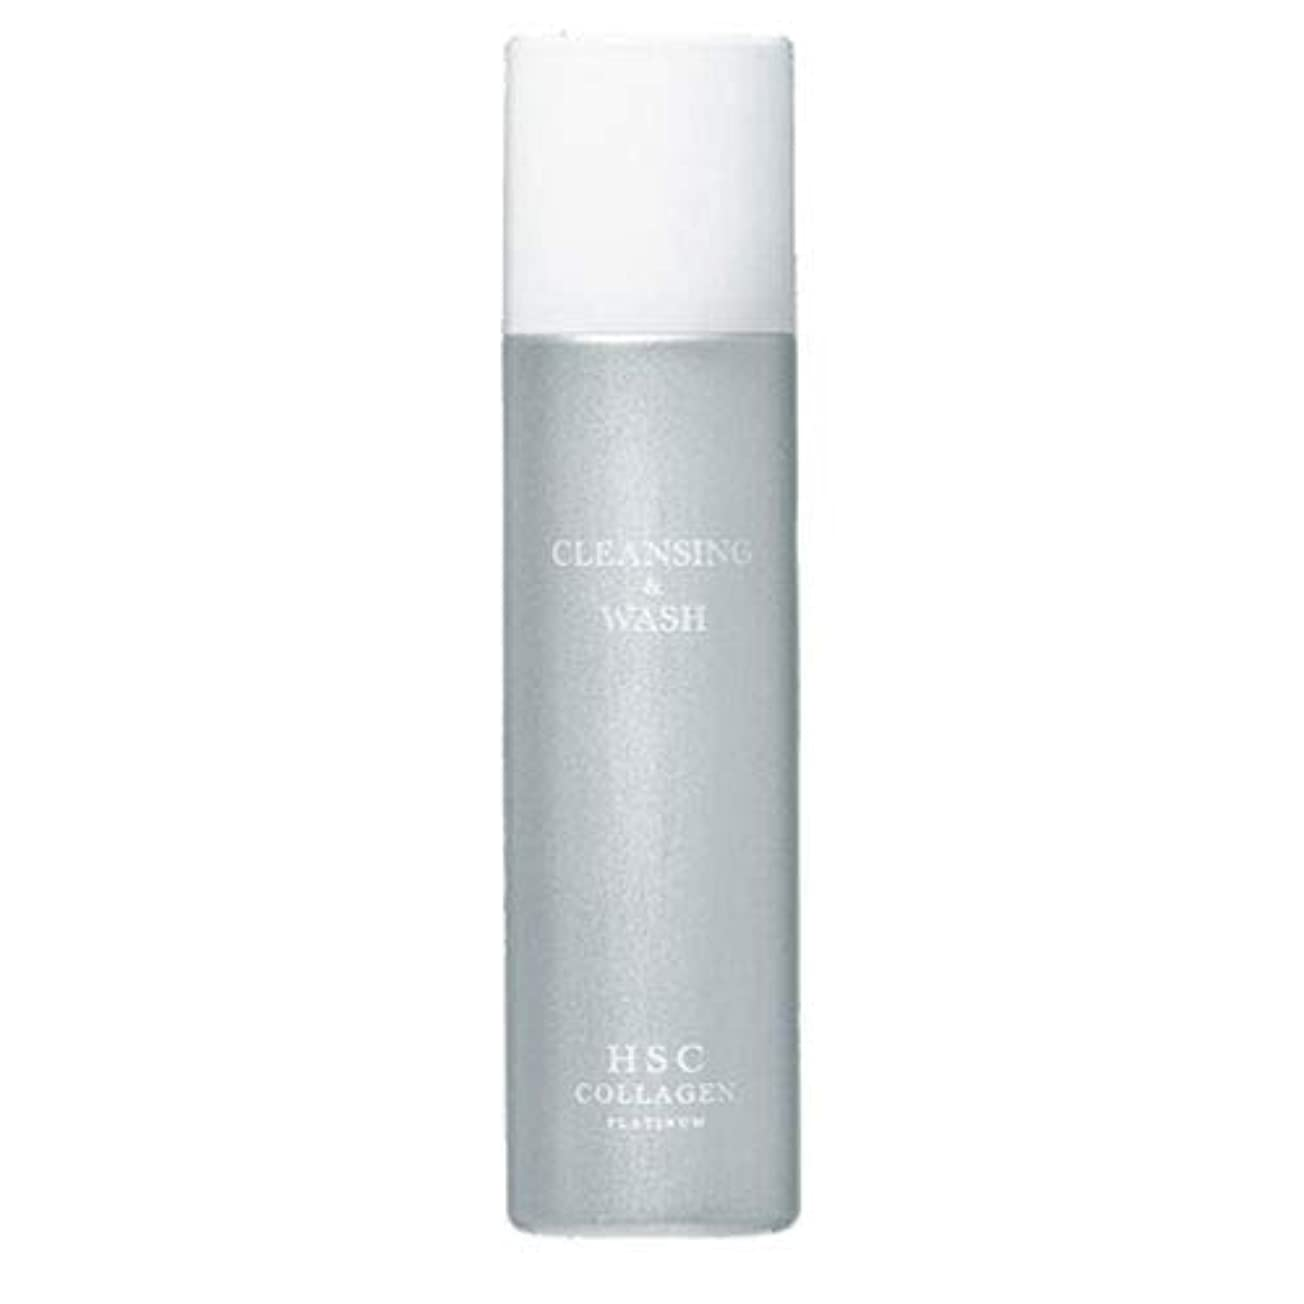 味汚染する忍耐アリミノ 塗るサプリ クレンジング&洗顔 180g